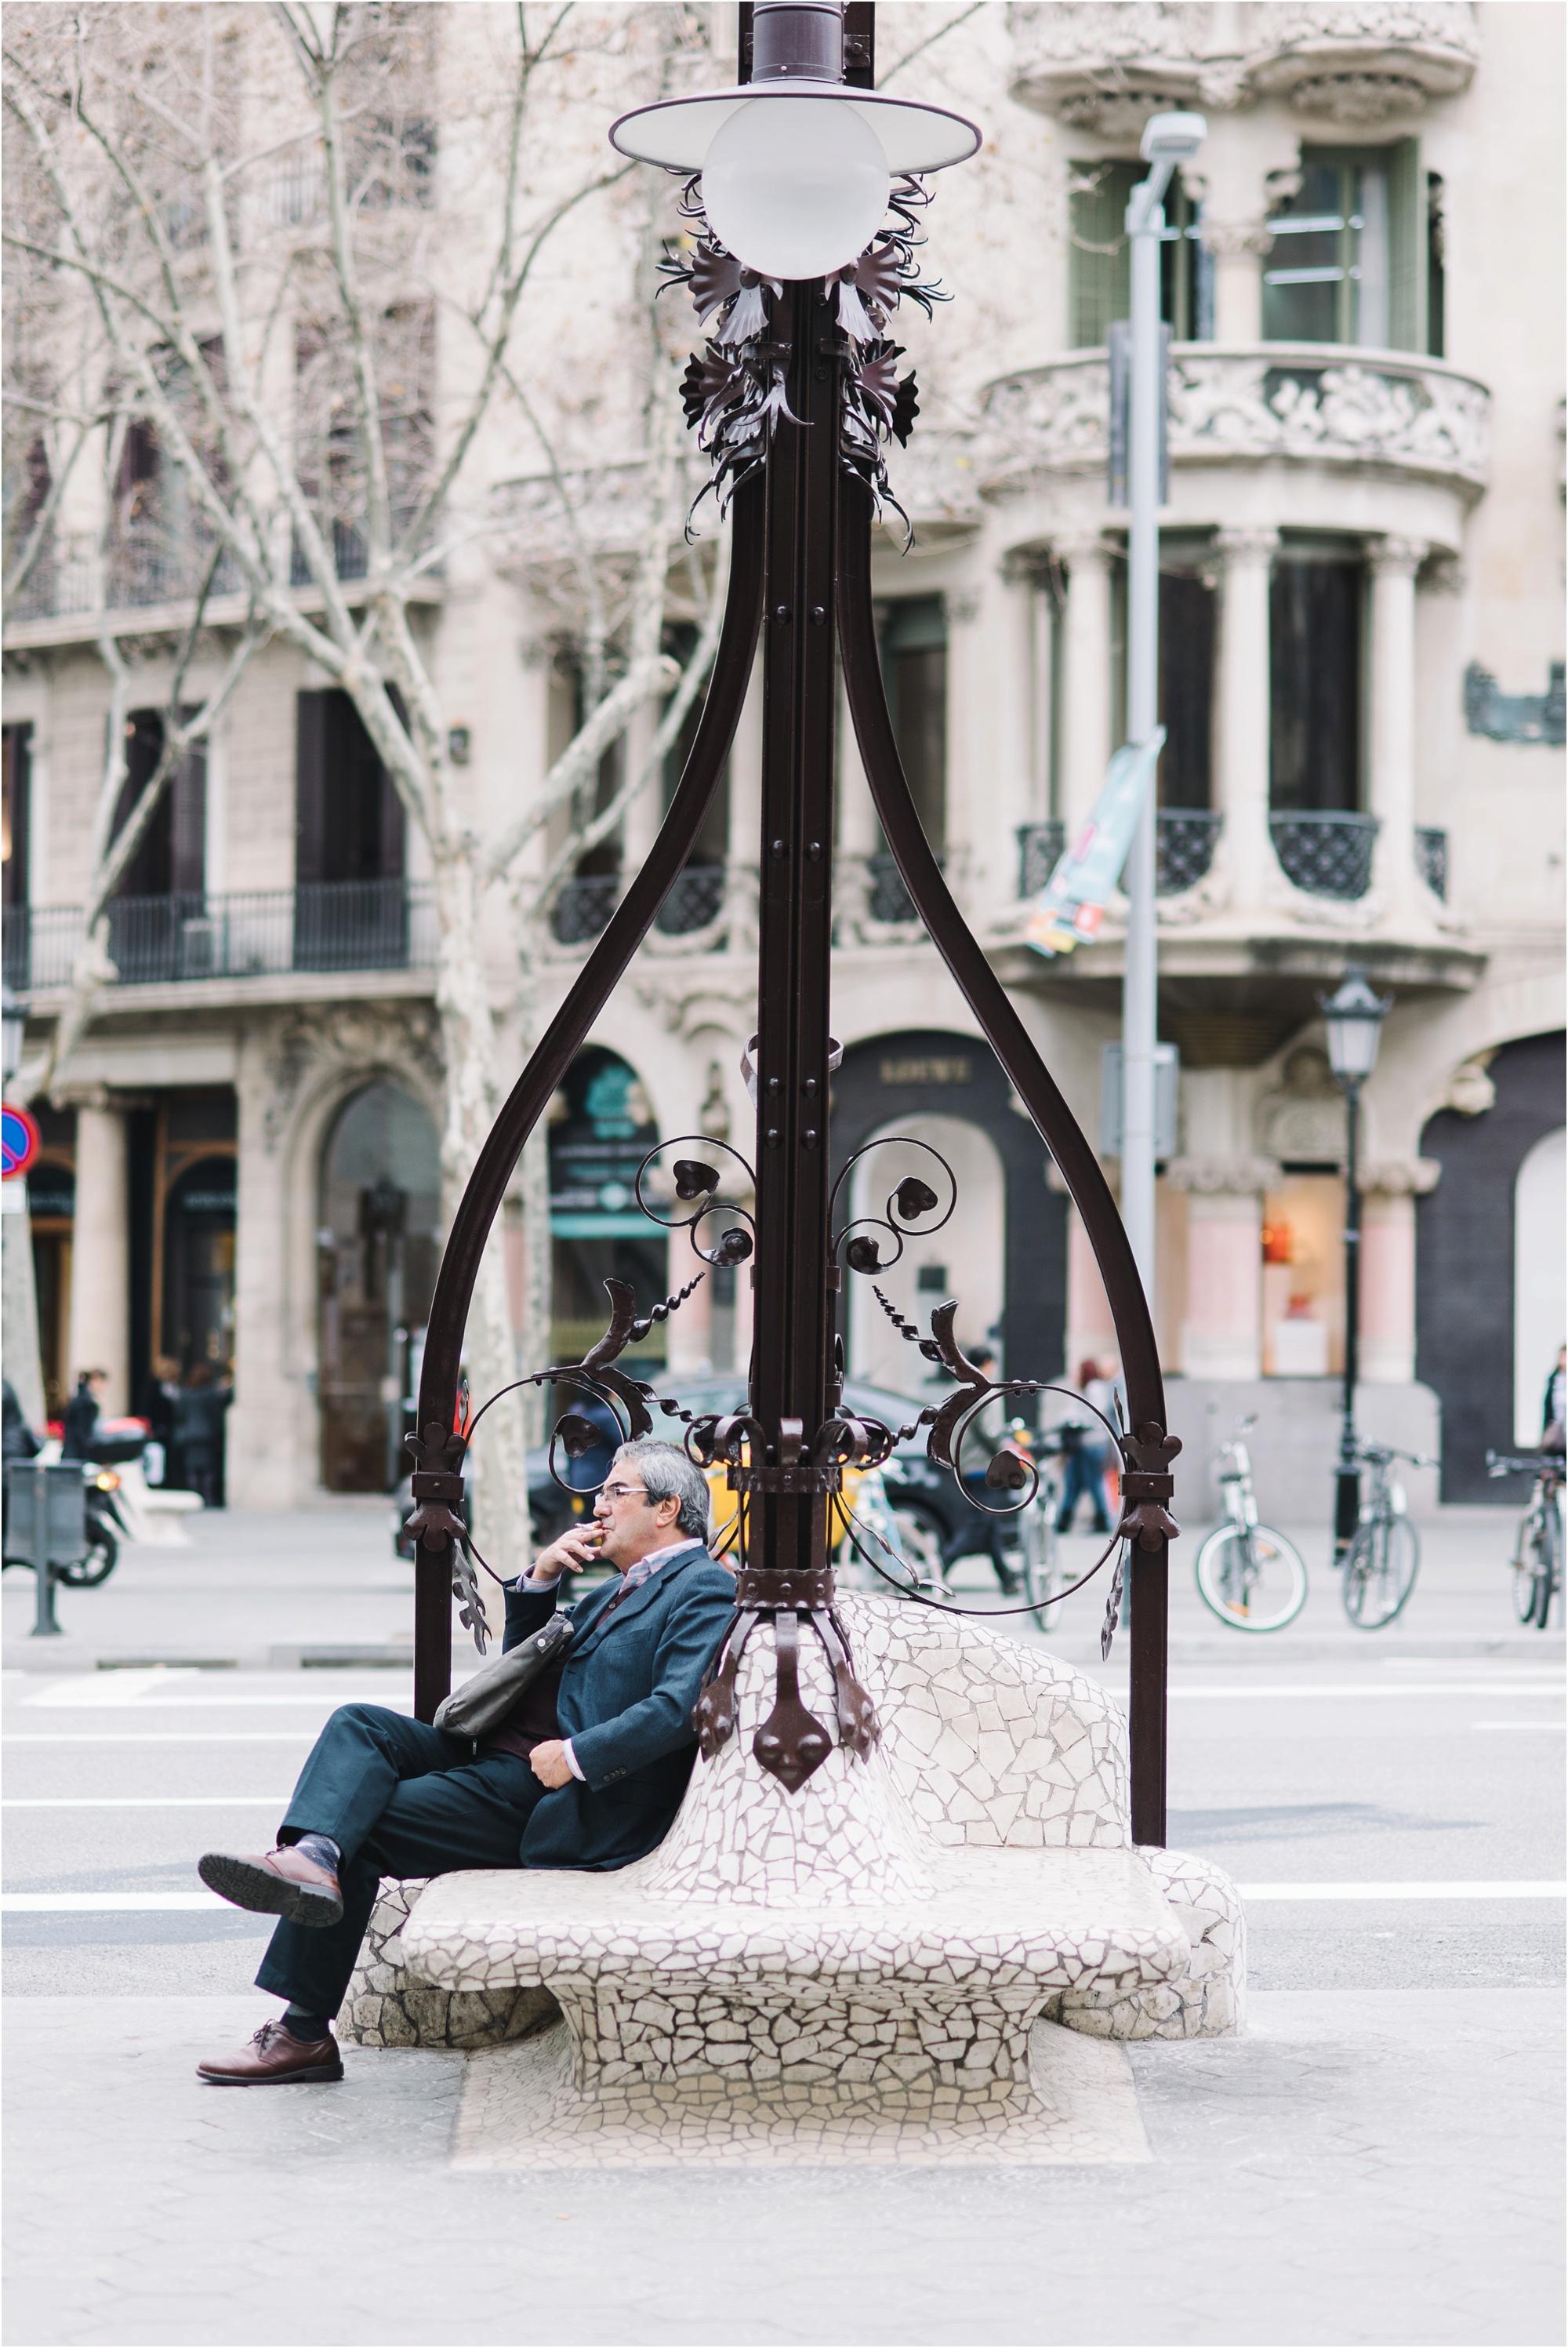 tony-r-hughes-trave-photos-barcelona-spain_0002.jpg